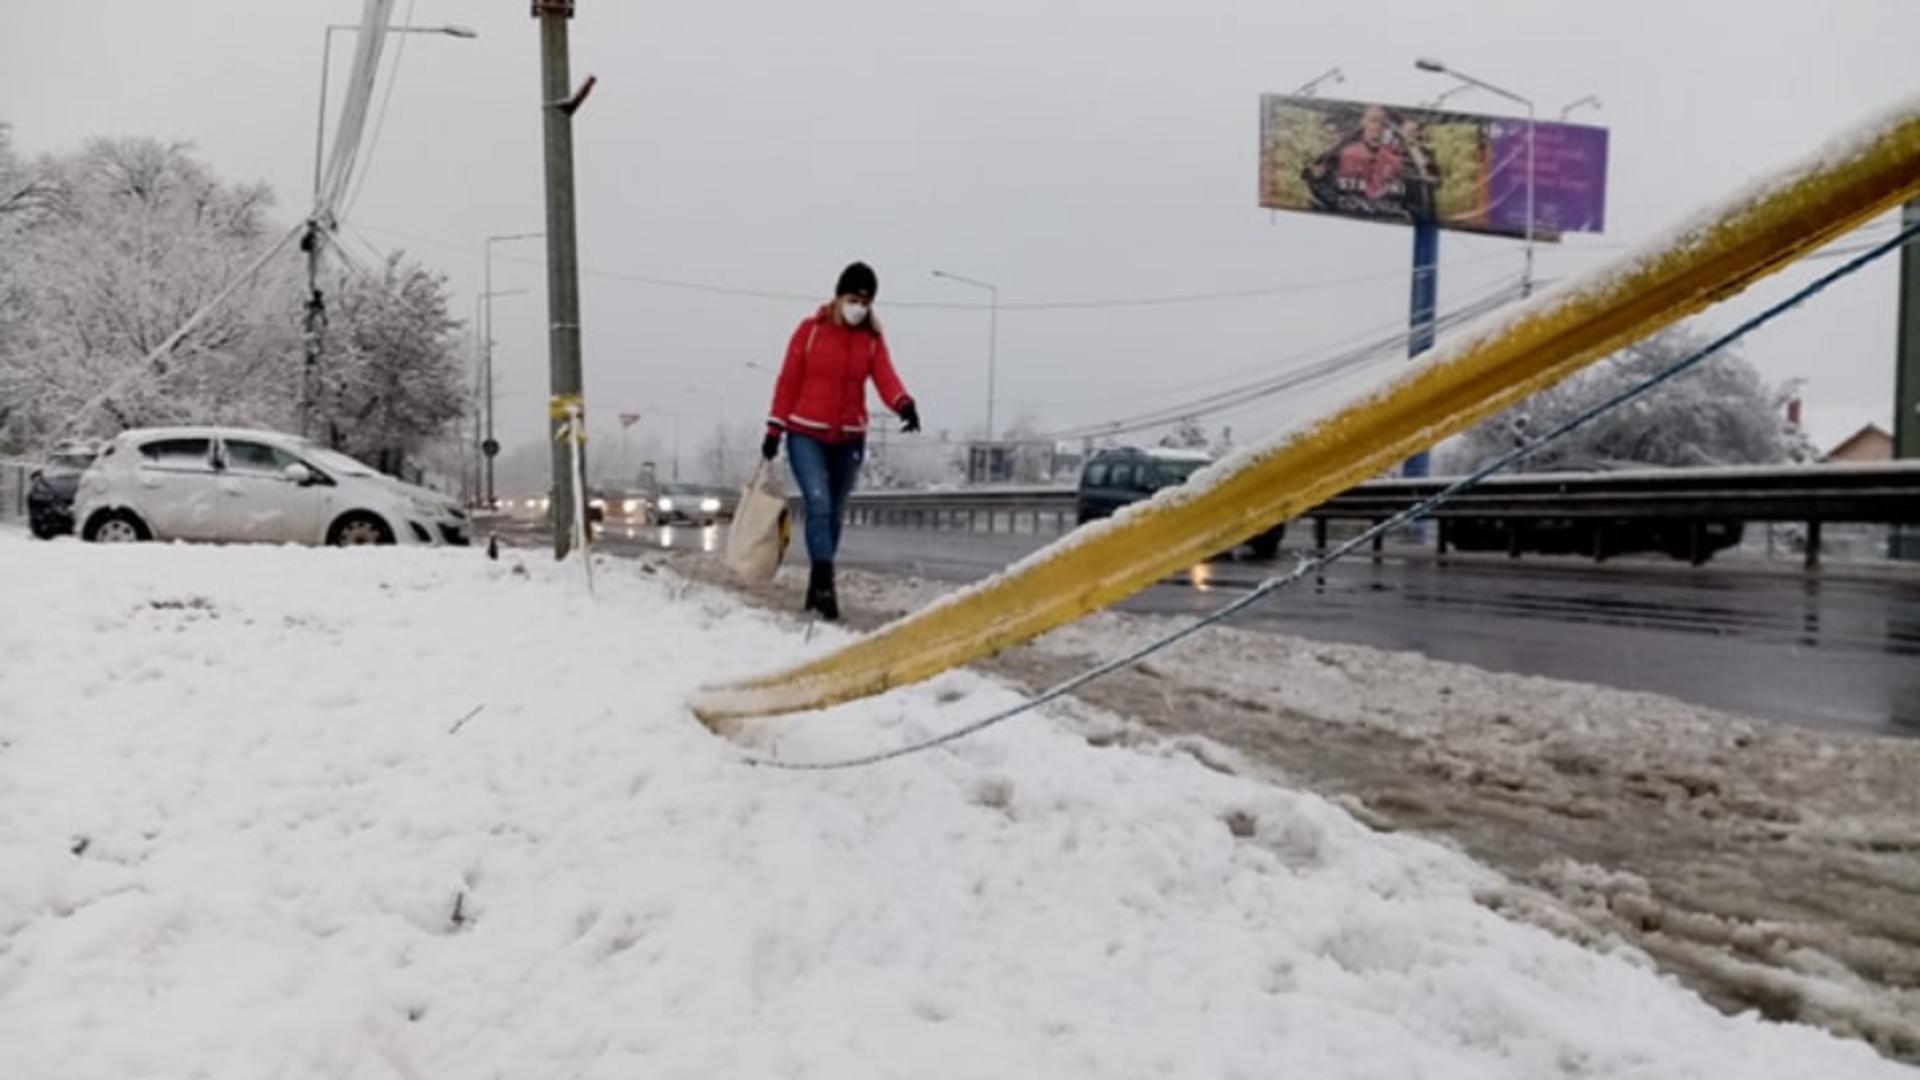 Vreme de iarnă la mijlocul lunii martie